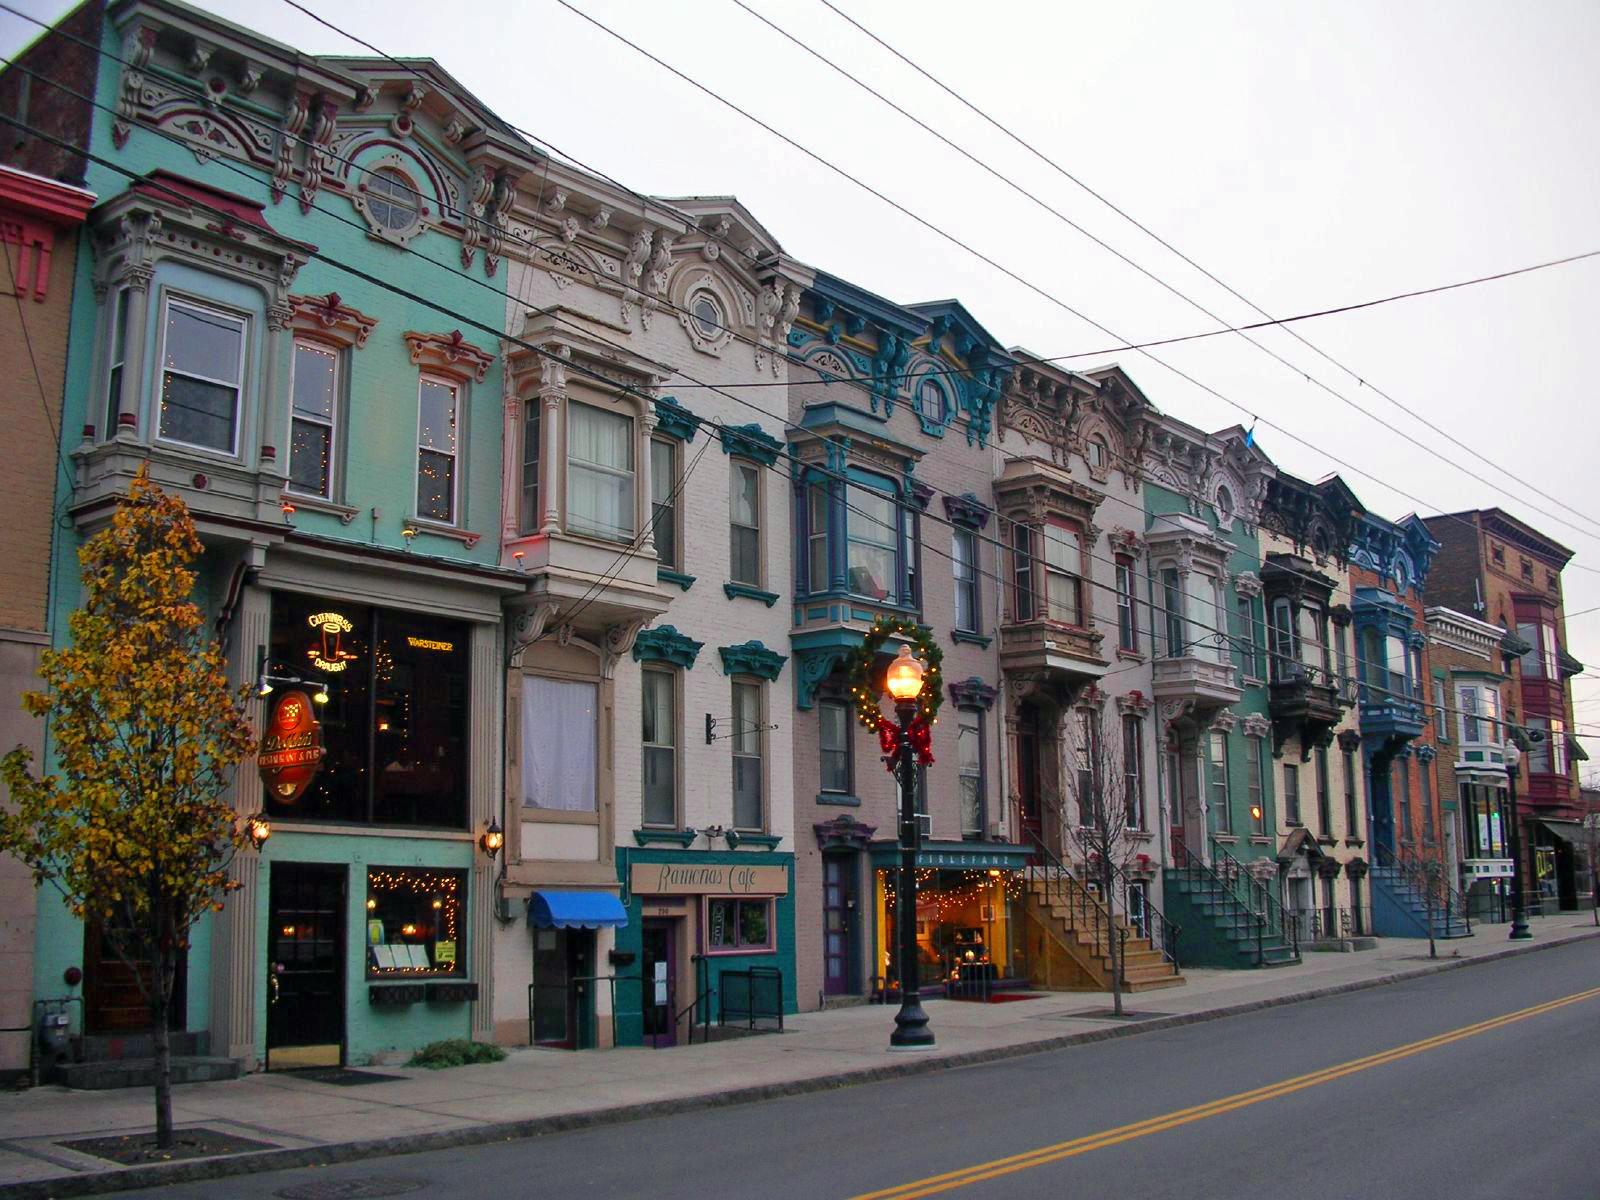 Rowhouses_on_Lark_Street,_Albany,_NY,_at_Christmastime.jpg